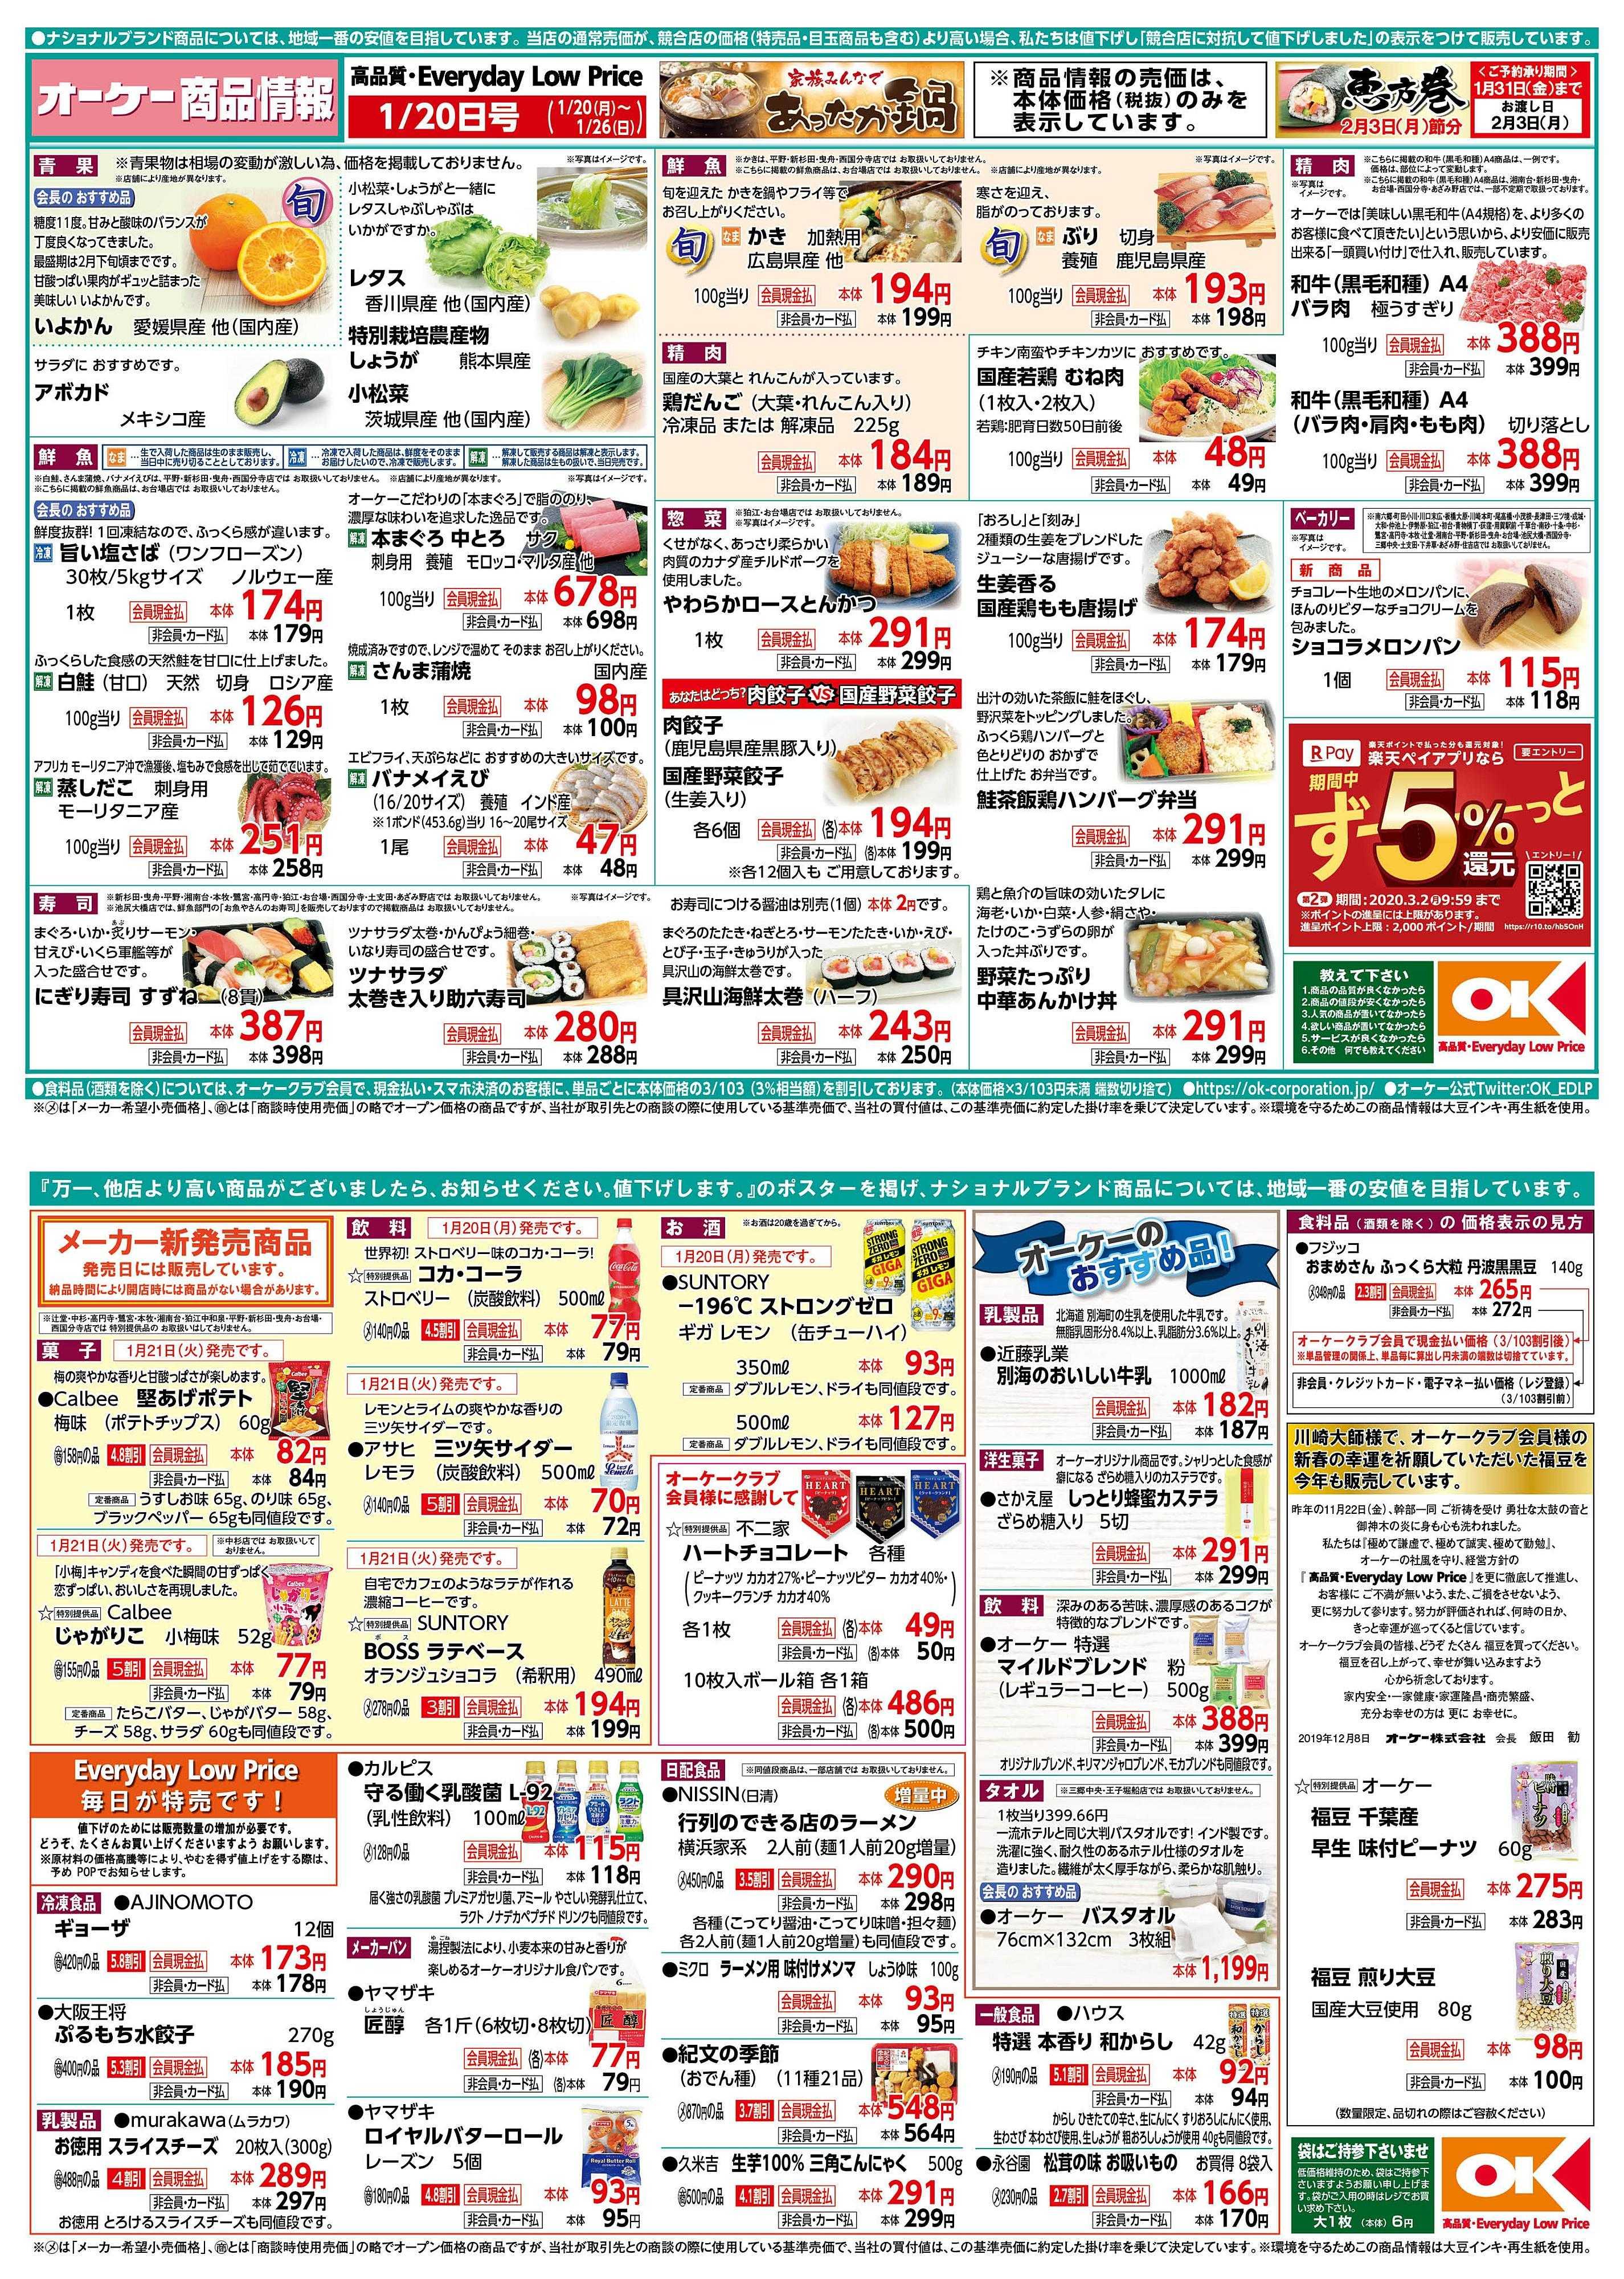 オーケー 商品情報紙1月20日号